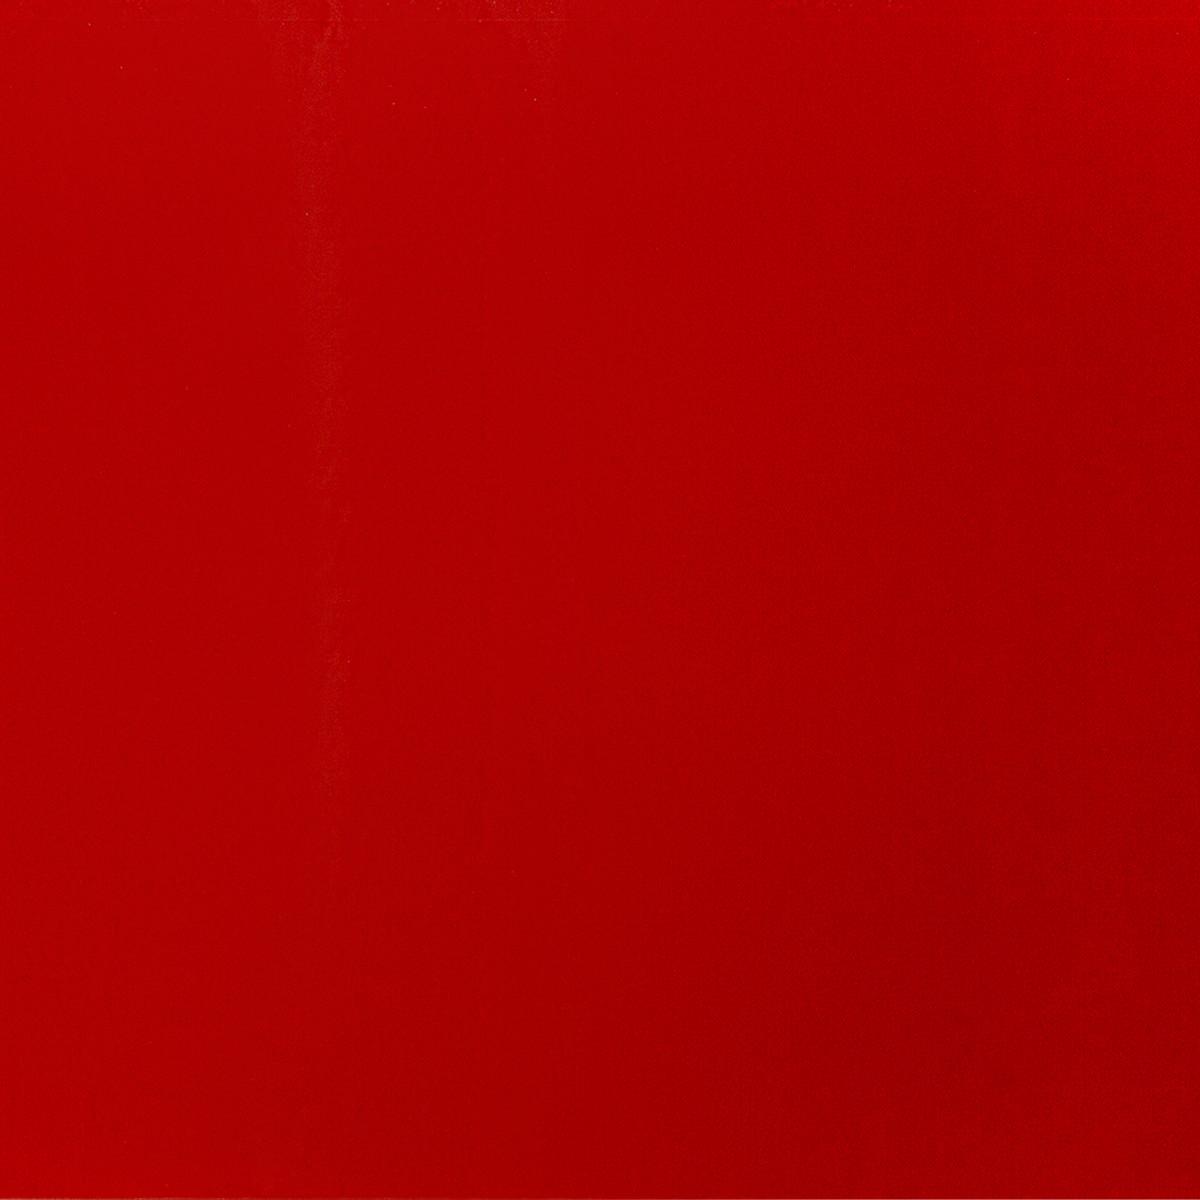 Стеновая панель Анна 240х60х0.5 см МДФ цвет красный